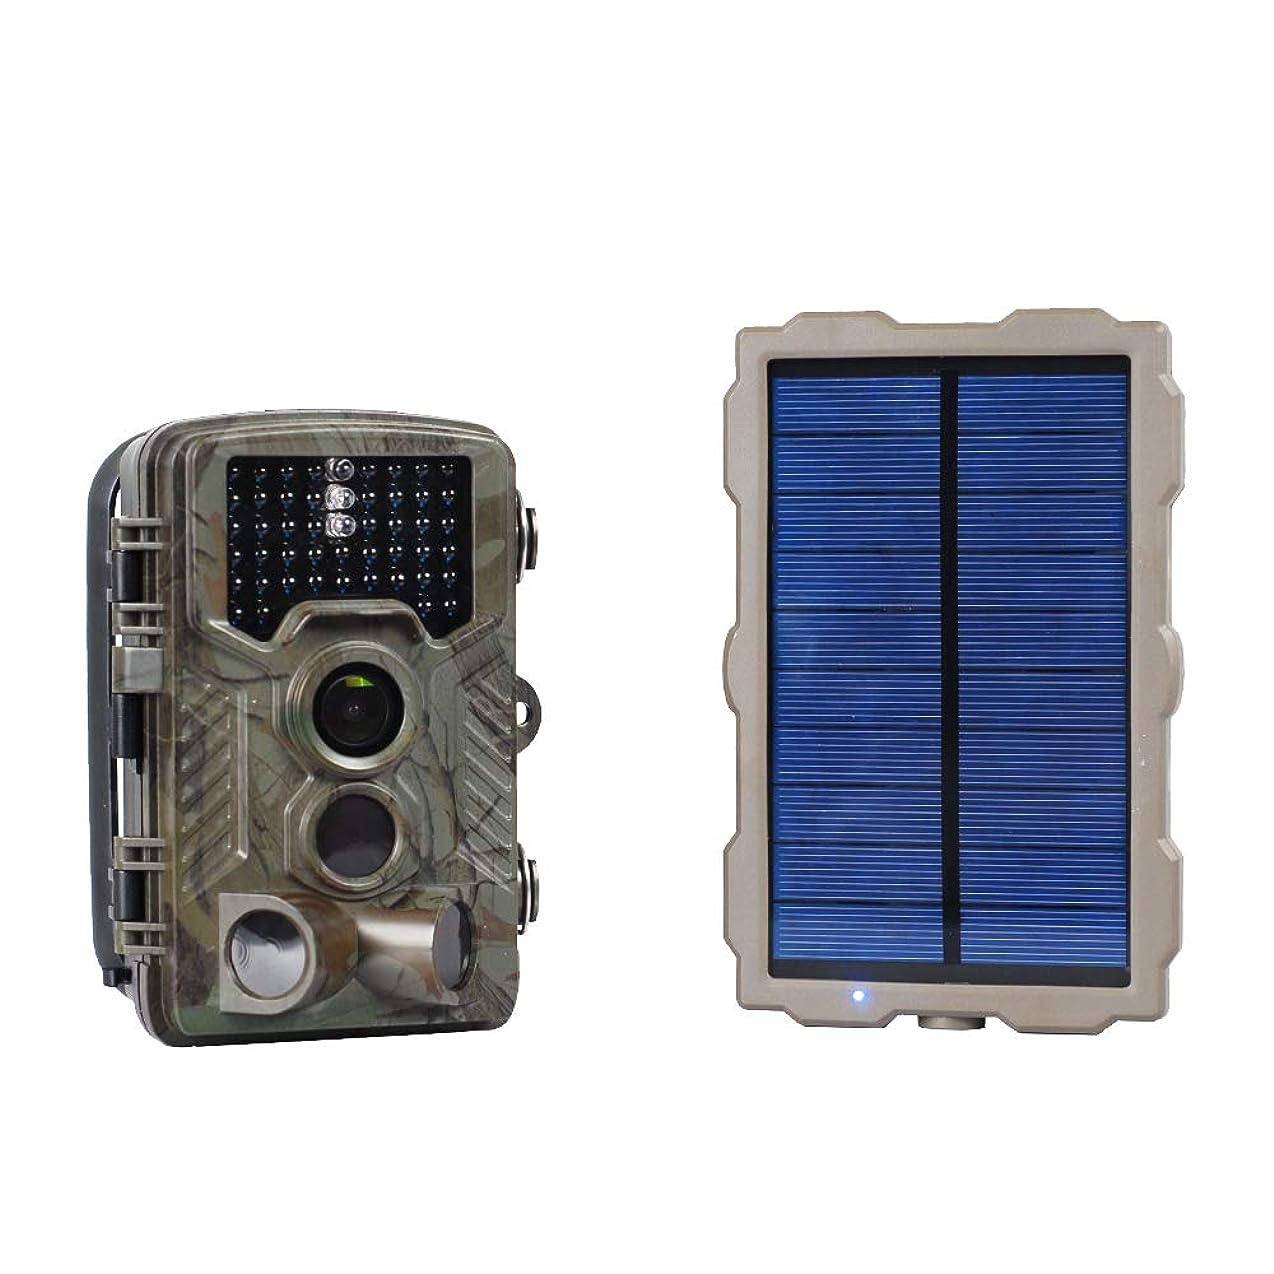 データ急性祈りDCHOUSE トレイルカメラ 動体検知カメラ 狩猟モニターカメラ 監視カメラ 46個IR LED |マウサー 16 MP | トリガー速度0.2 S 1080pビデオオーディオ 2.4インチHD LCDスクリーン| IP66 ソーラーチャージ